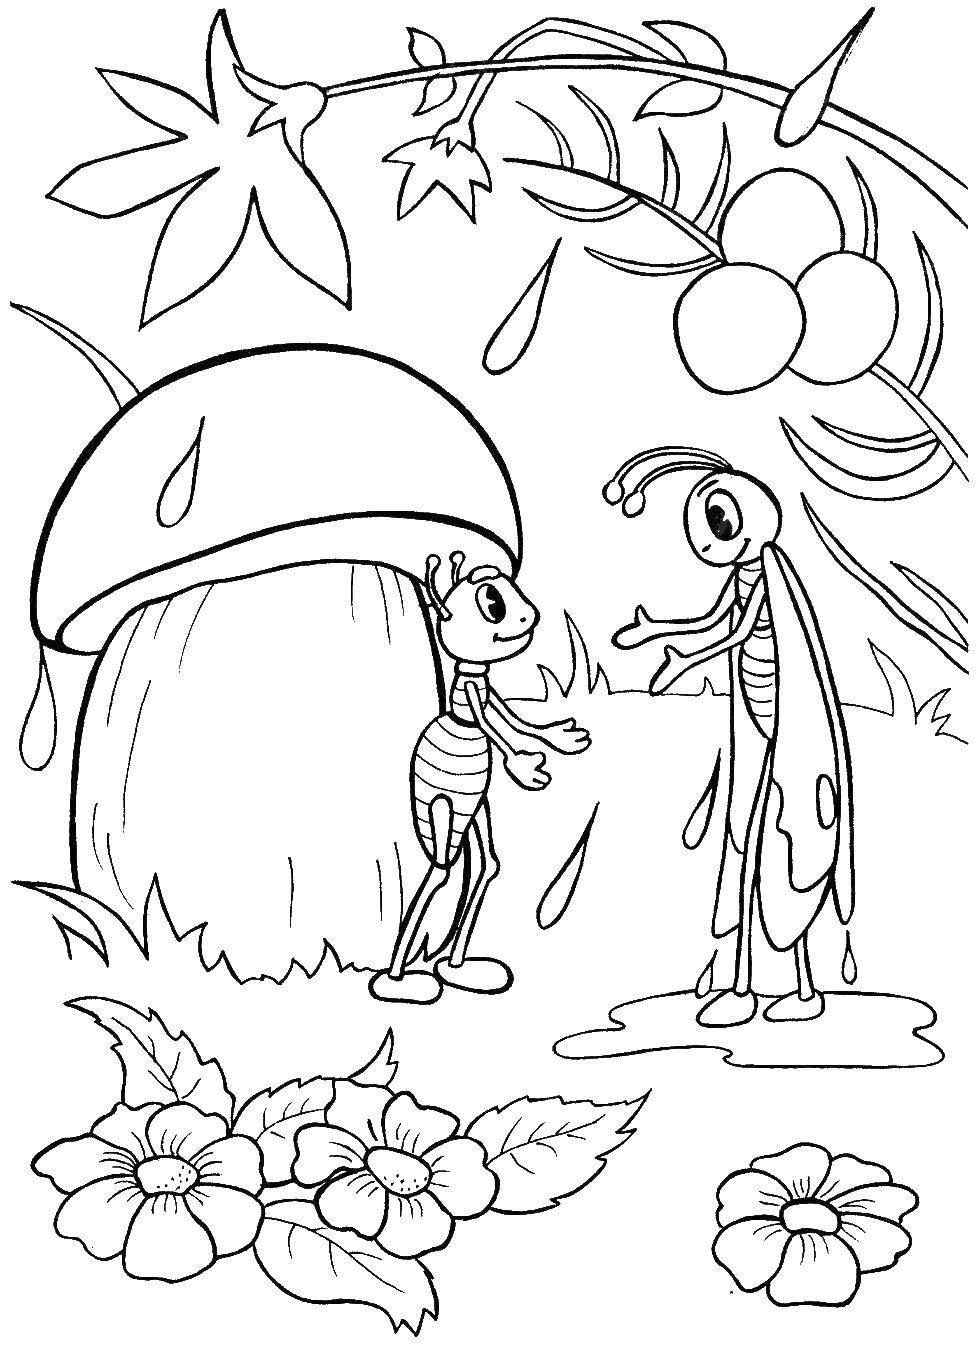 Муравьишка и кузнечик под грибом